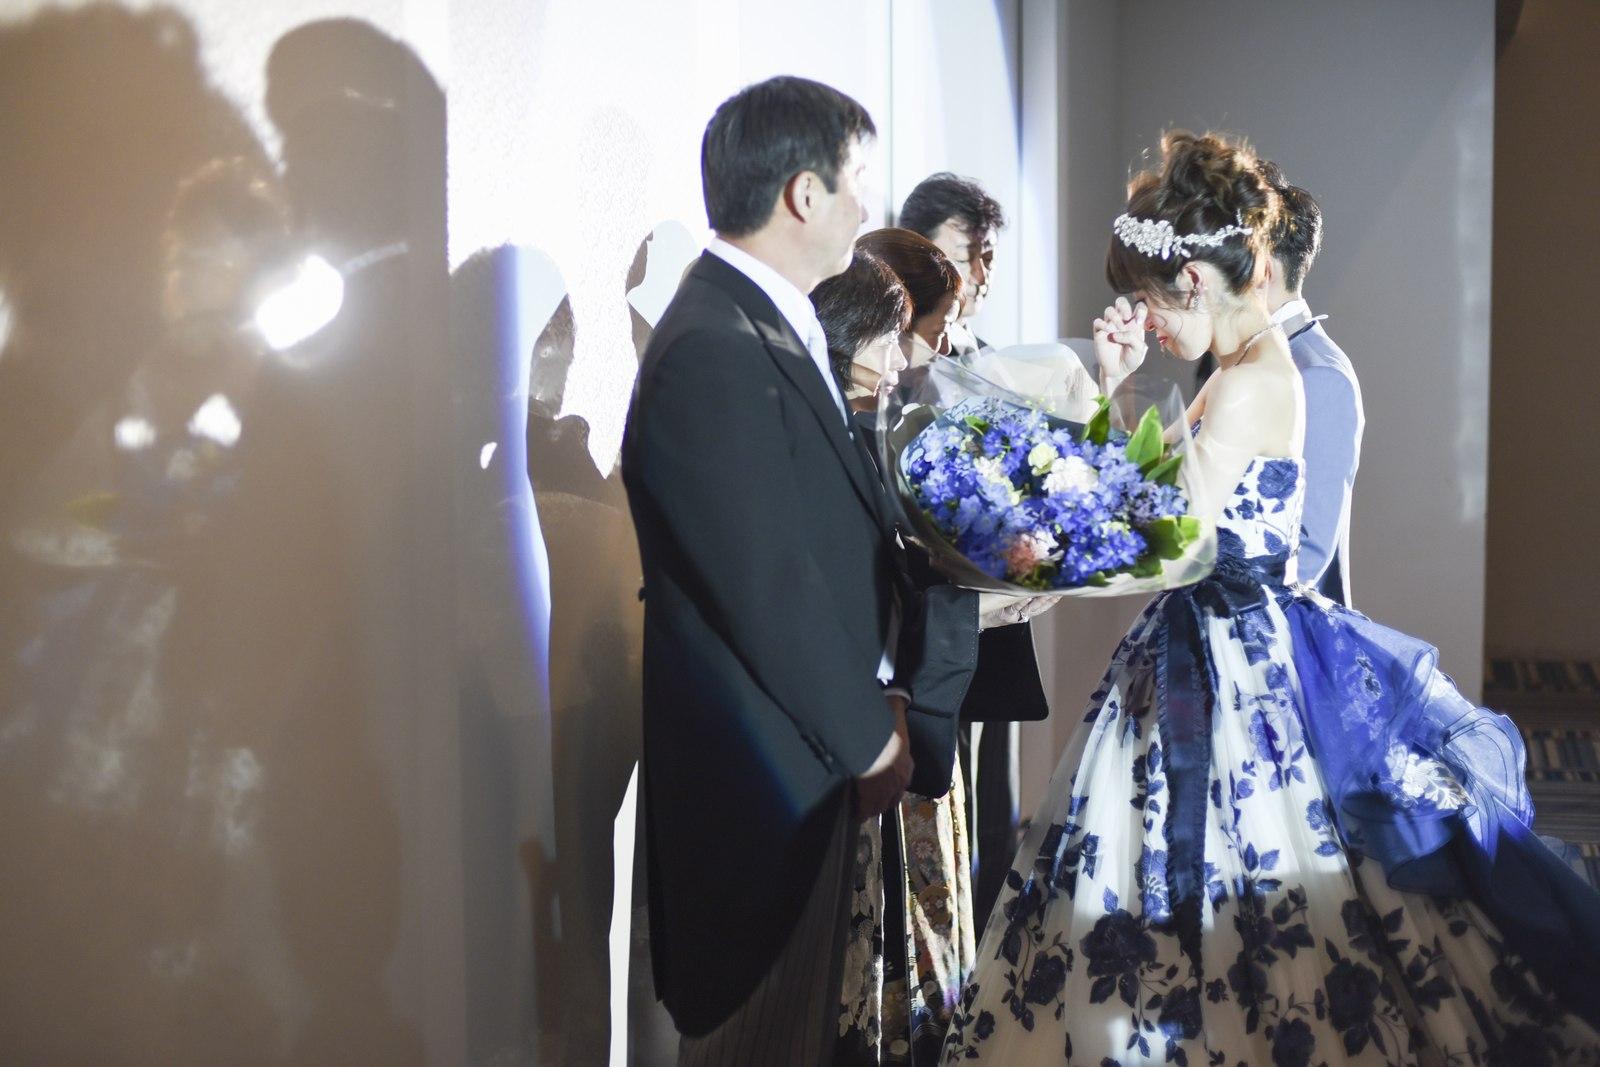 香川県の結婚式場シェルエメール&アイスタイル 花束贈呈